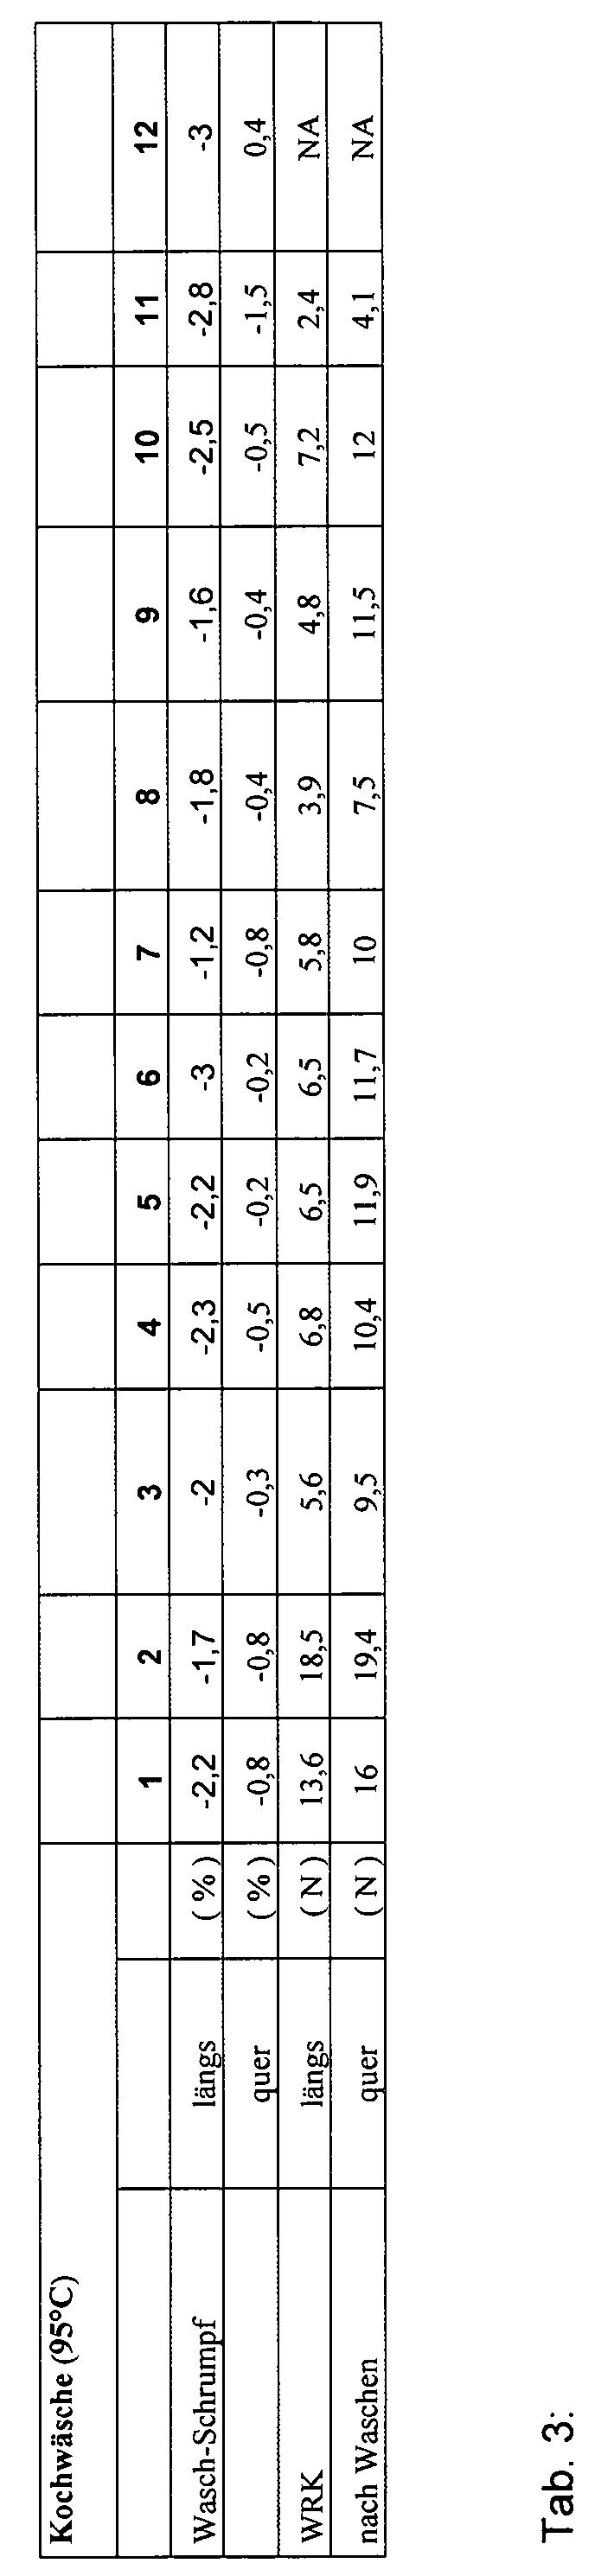 Figure DE102014002232B4_0002